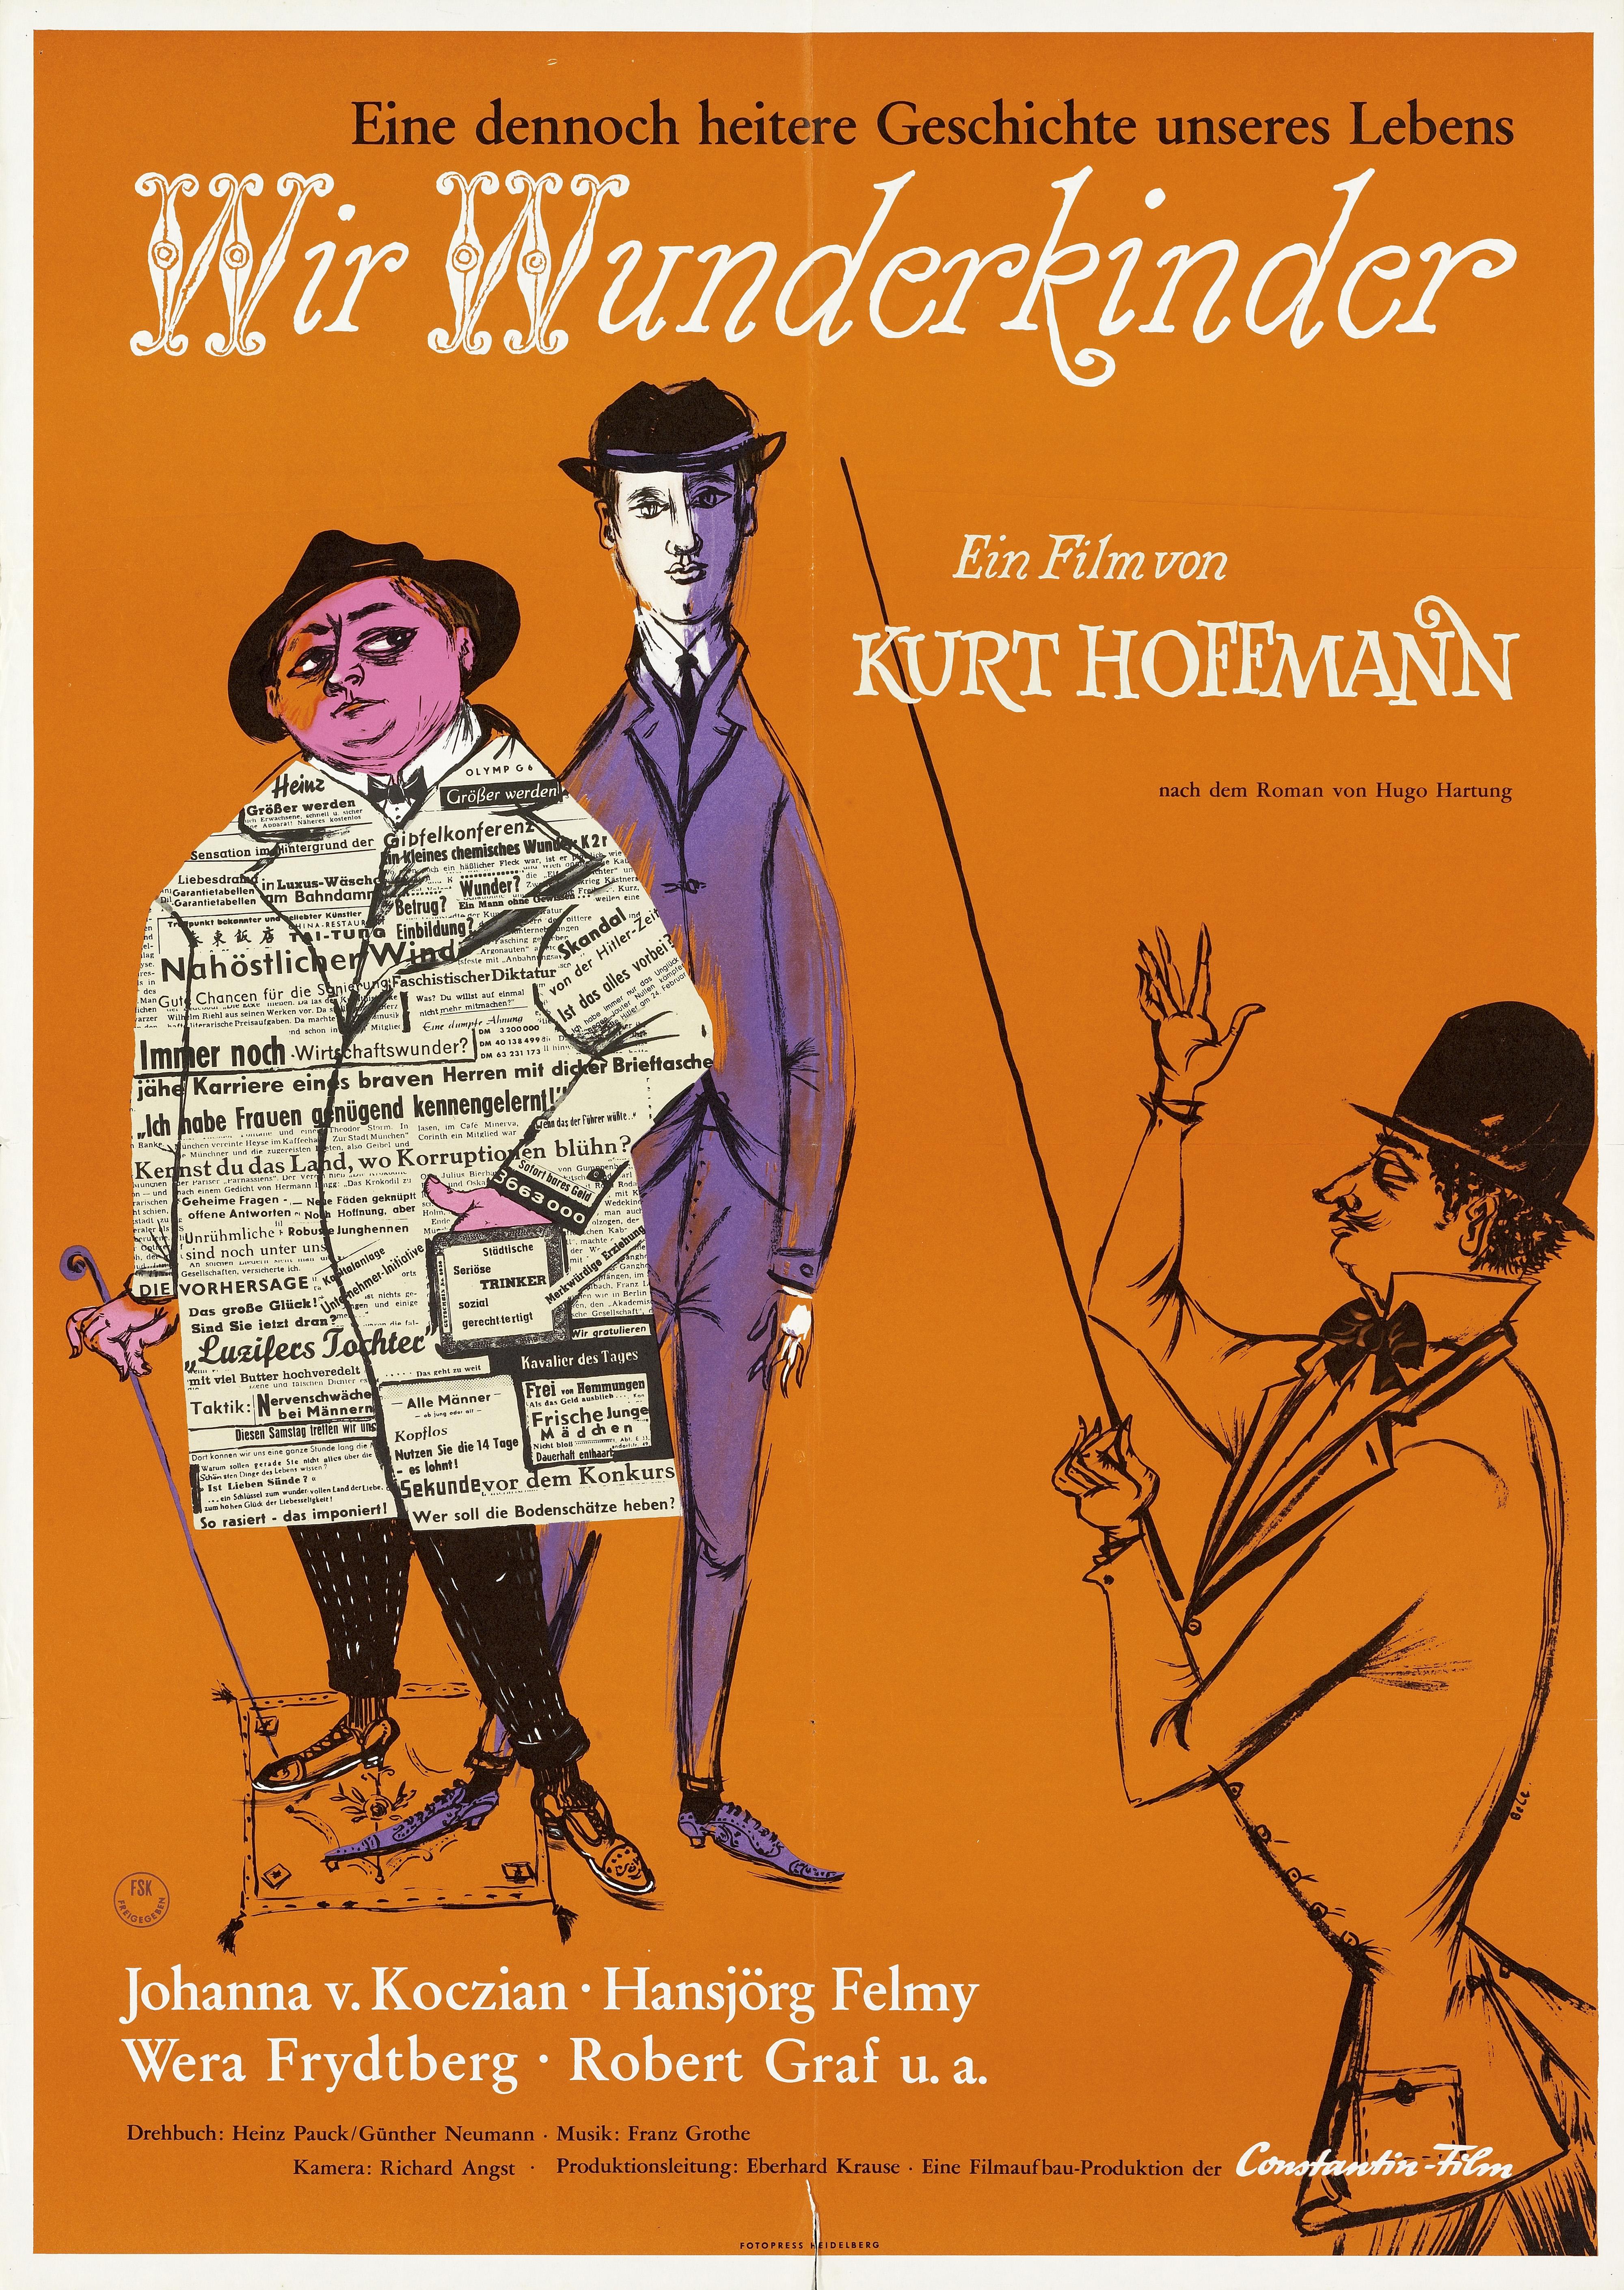 Auf dem Plakat sind drei Herren mit Anzügen und Hüten zu sehen, zwei stehen direkt nebeneinander, der dritte zeigt mit einem langen dünnen Stock auf sie.